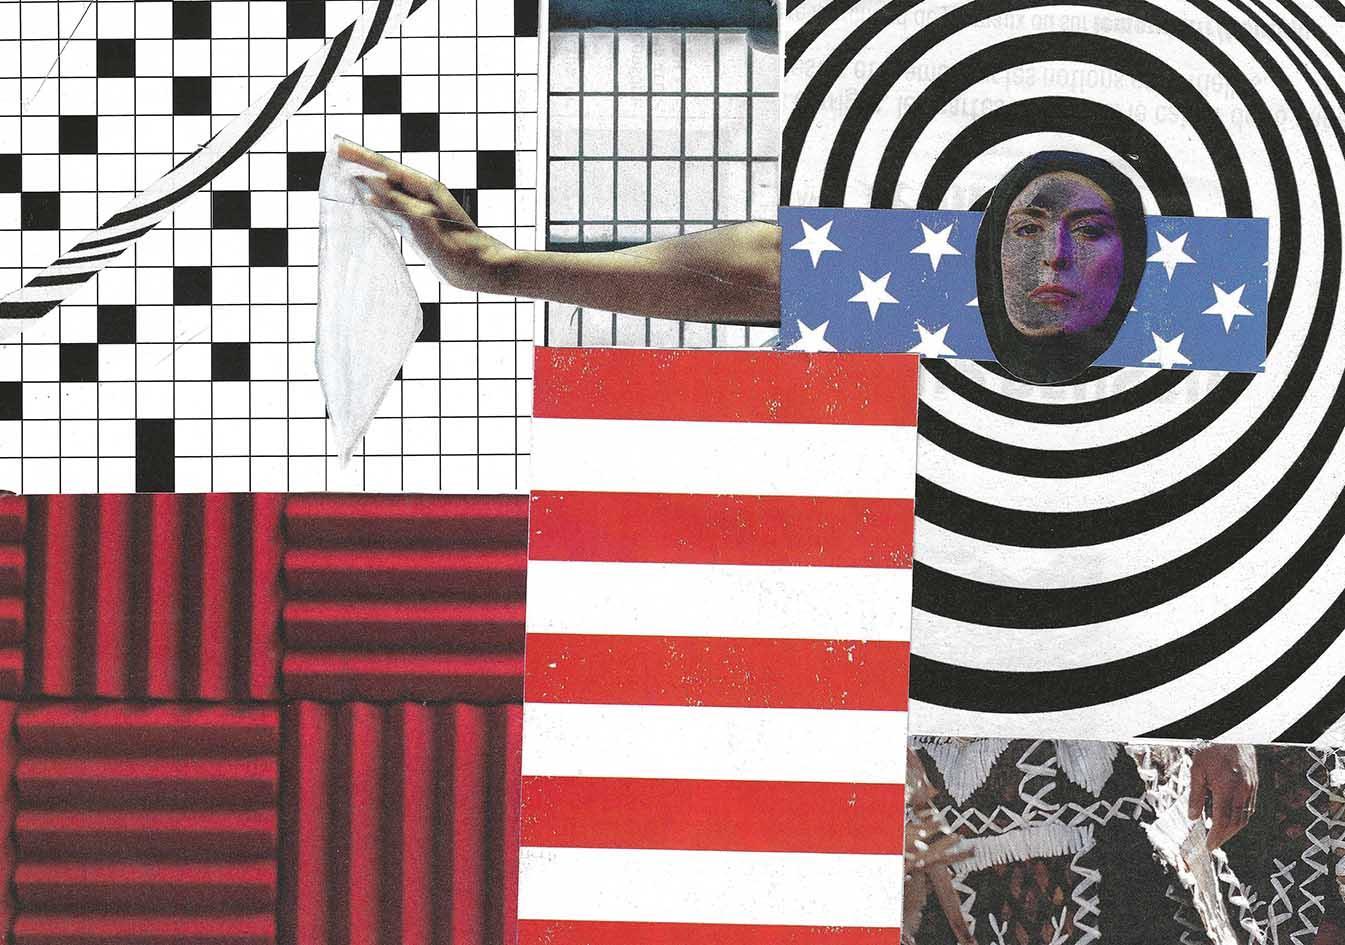 Collage 2021 2 13 public